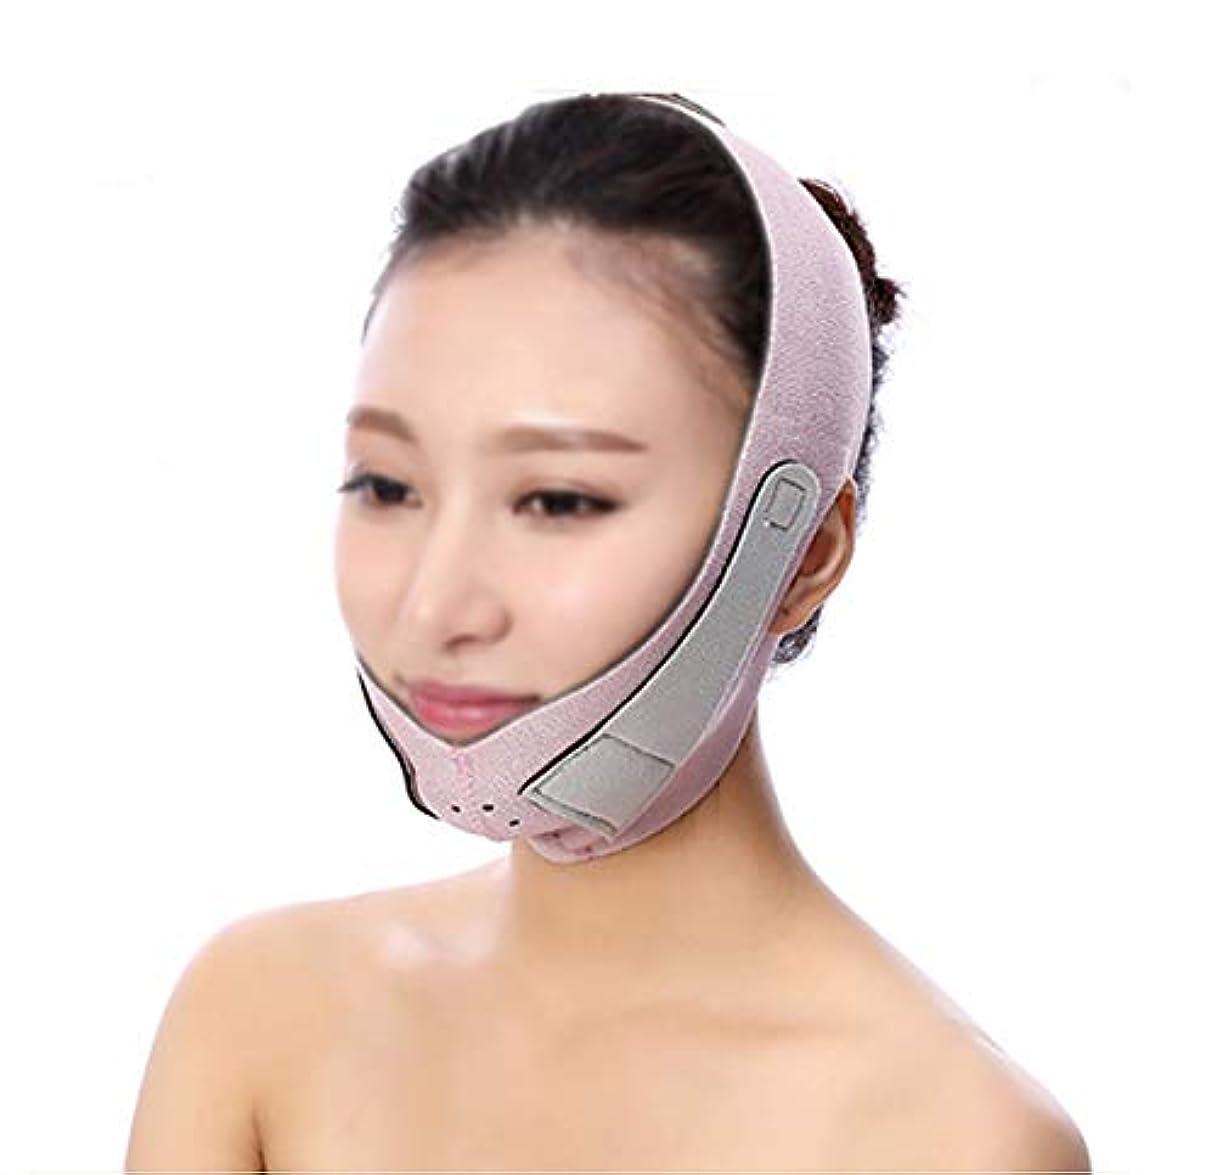 予測軍クマノミLJK 薄い顔包帯小さなv顔アーティファクト男性と女性のフェイスリフトアーティファクト強力なアップグレード小さなVフェイスマスクフェイスマッサージローラー包帯二重あご日本 (Color : A)